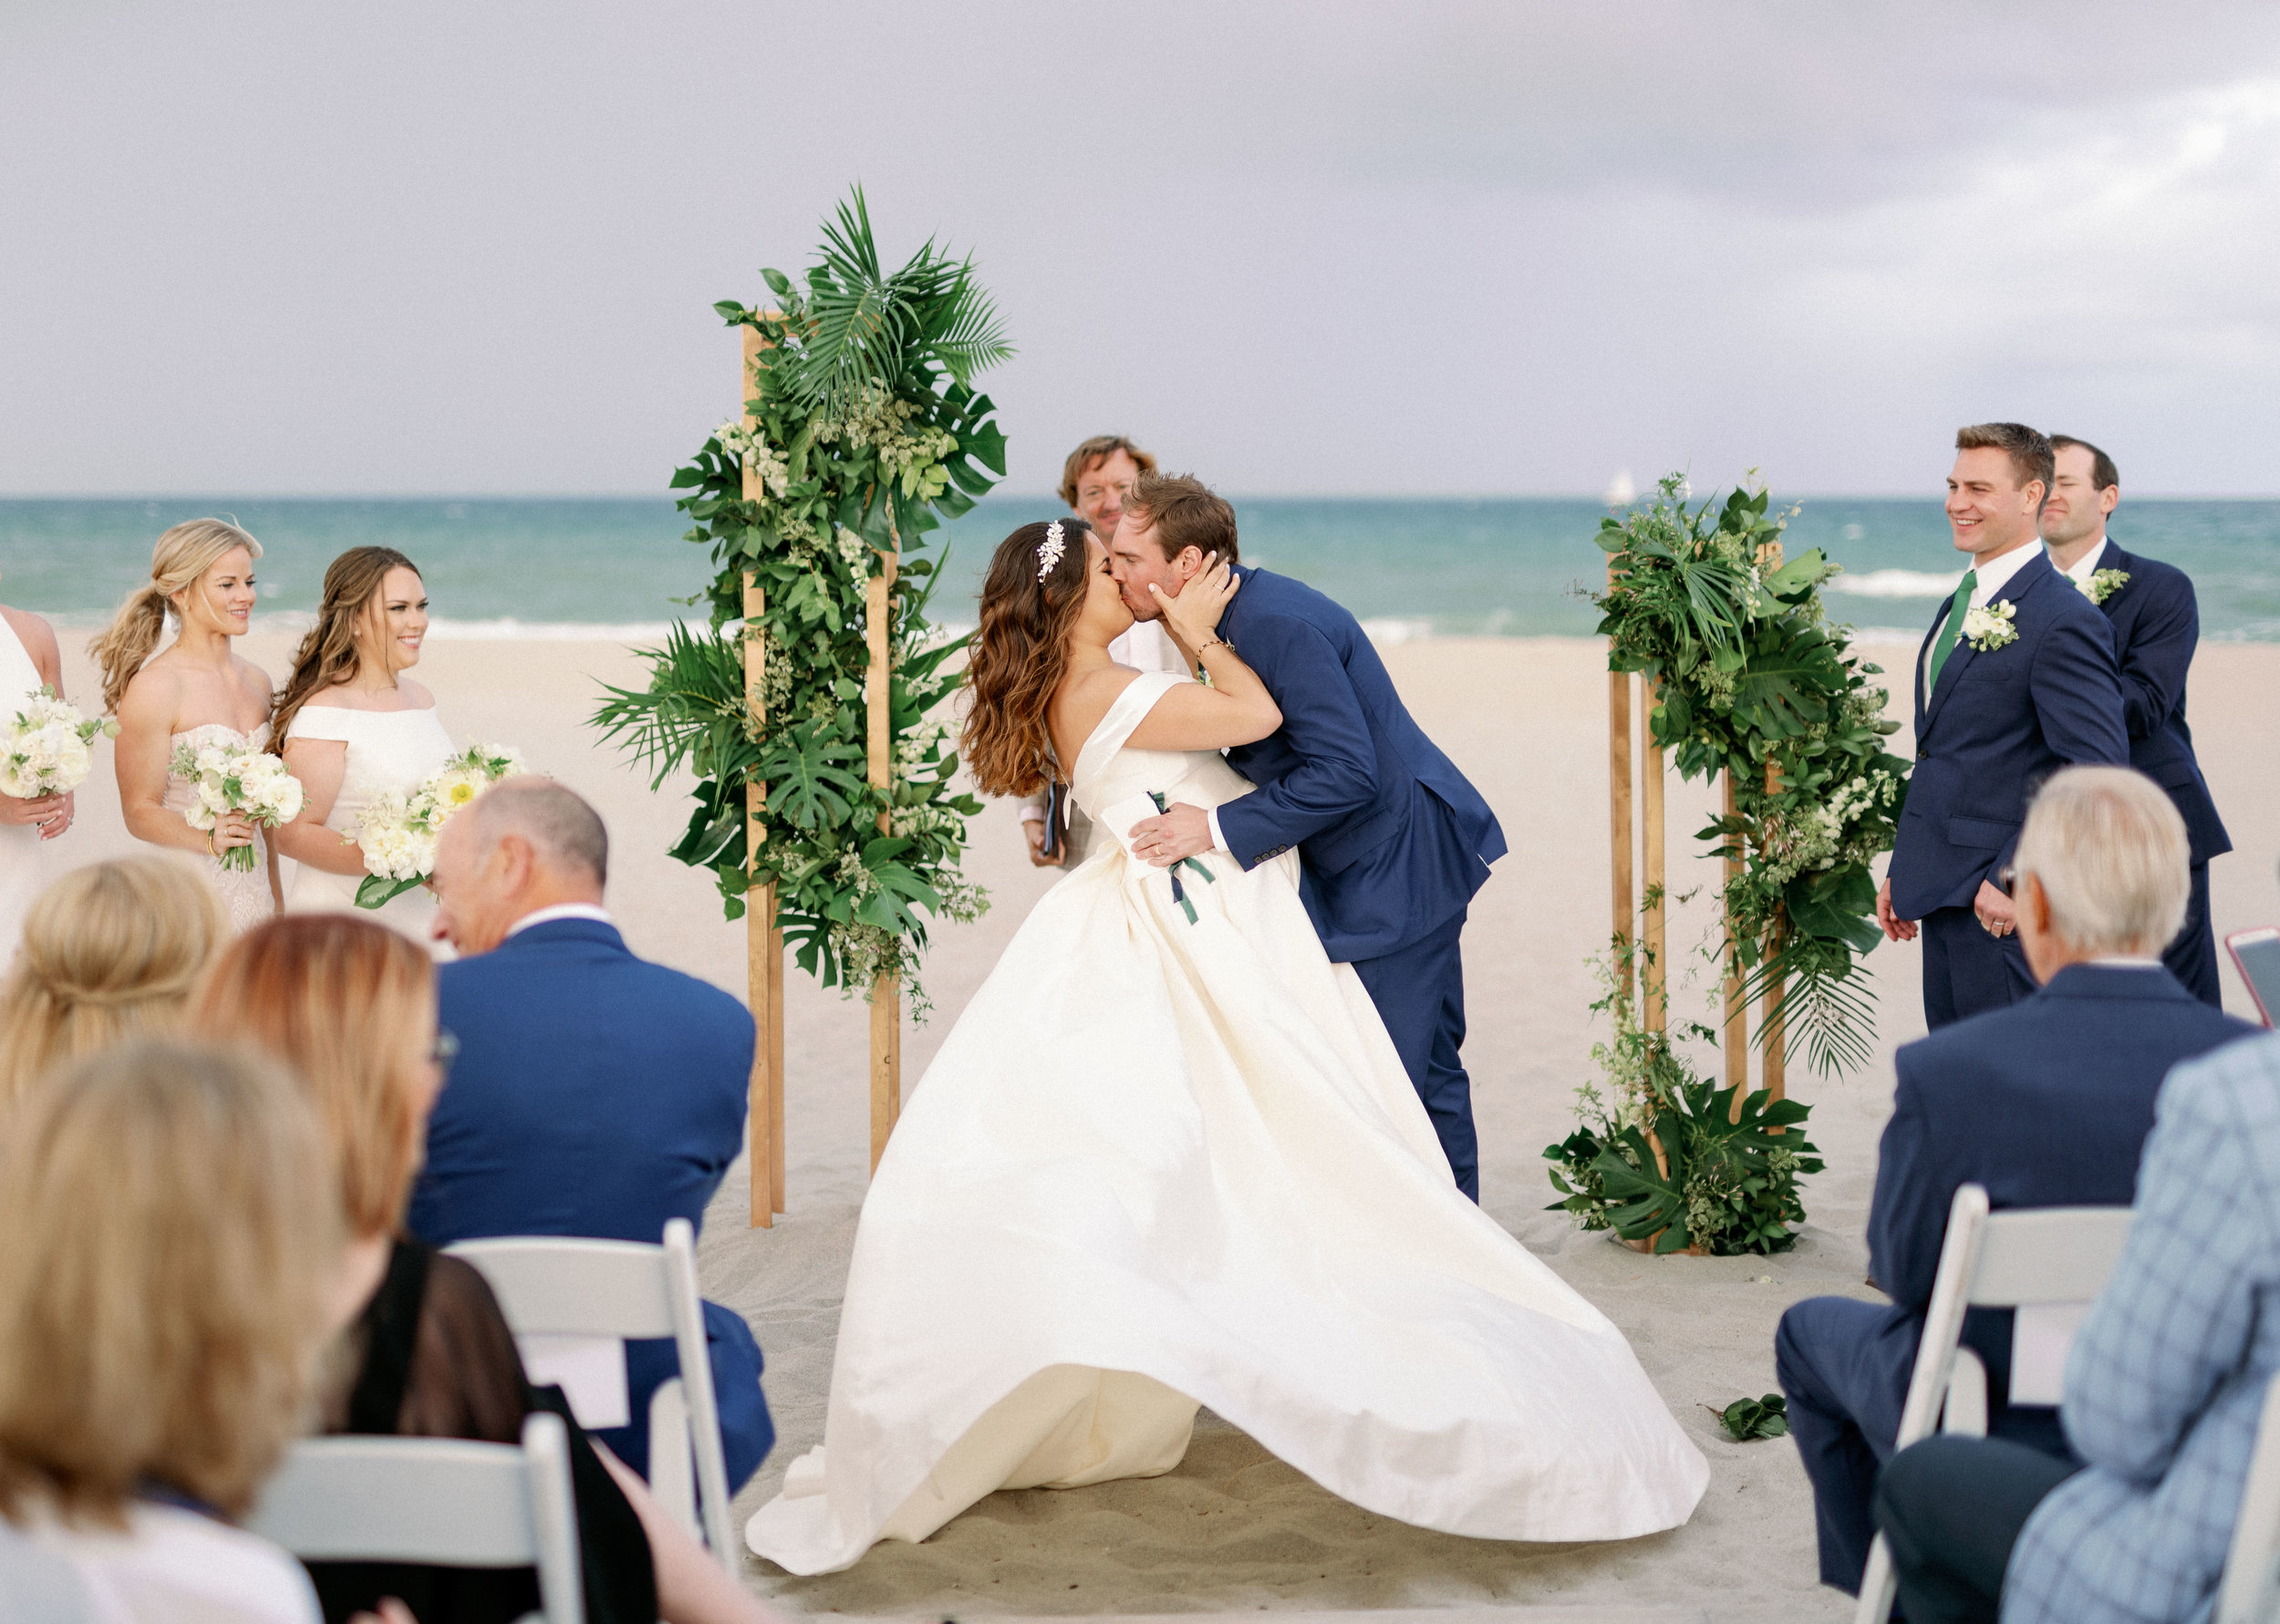 coastal-wedding-modern